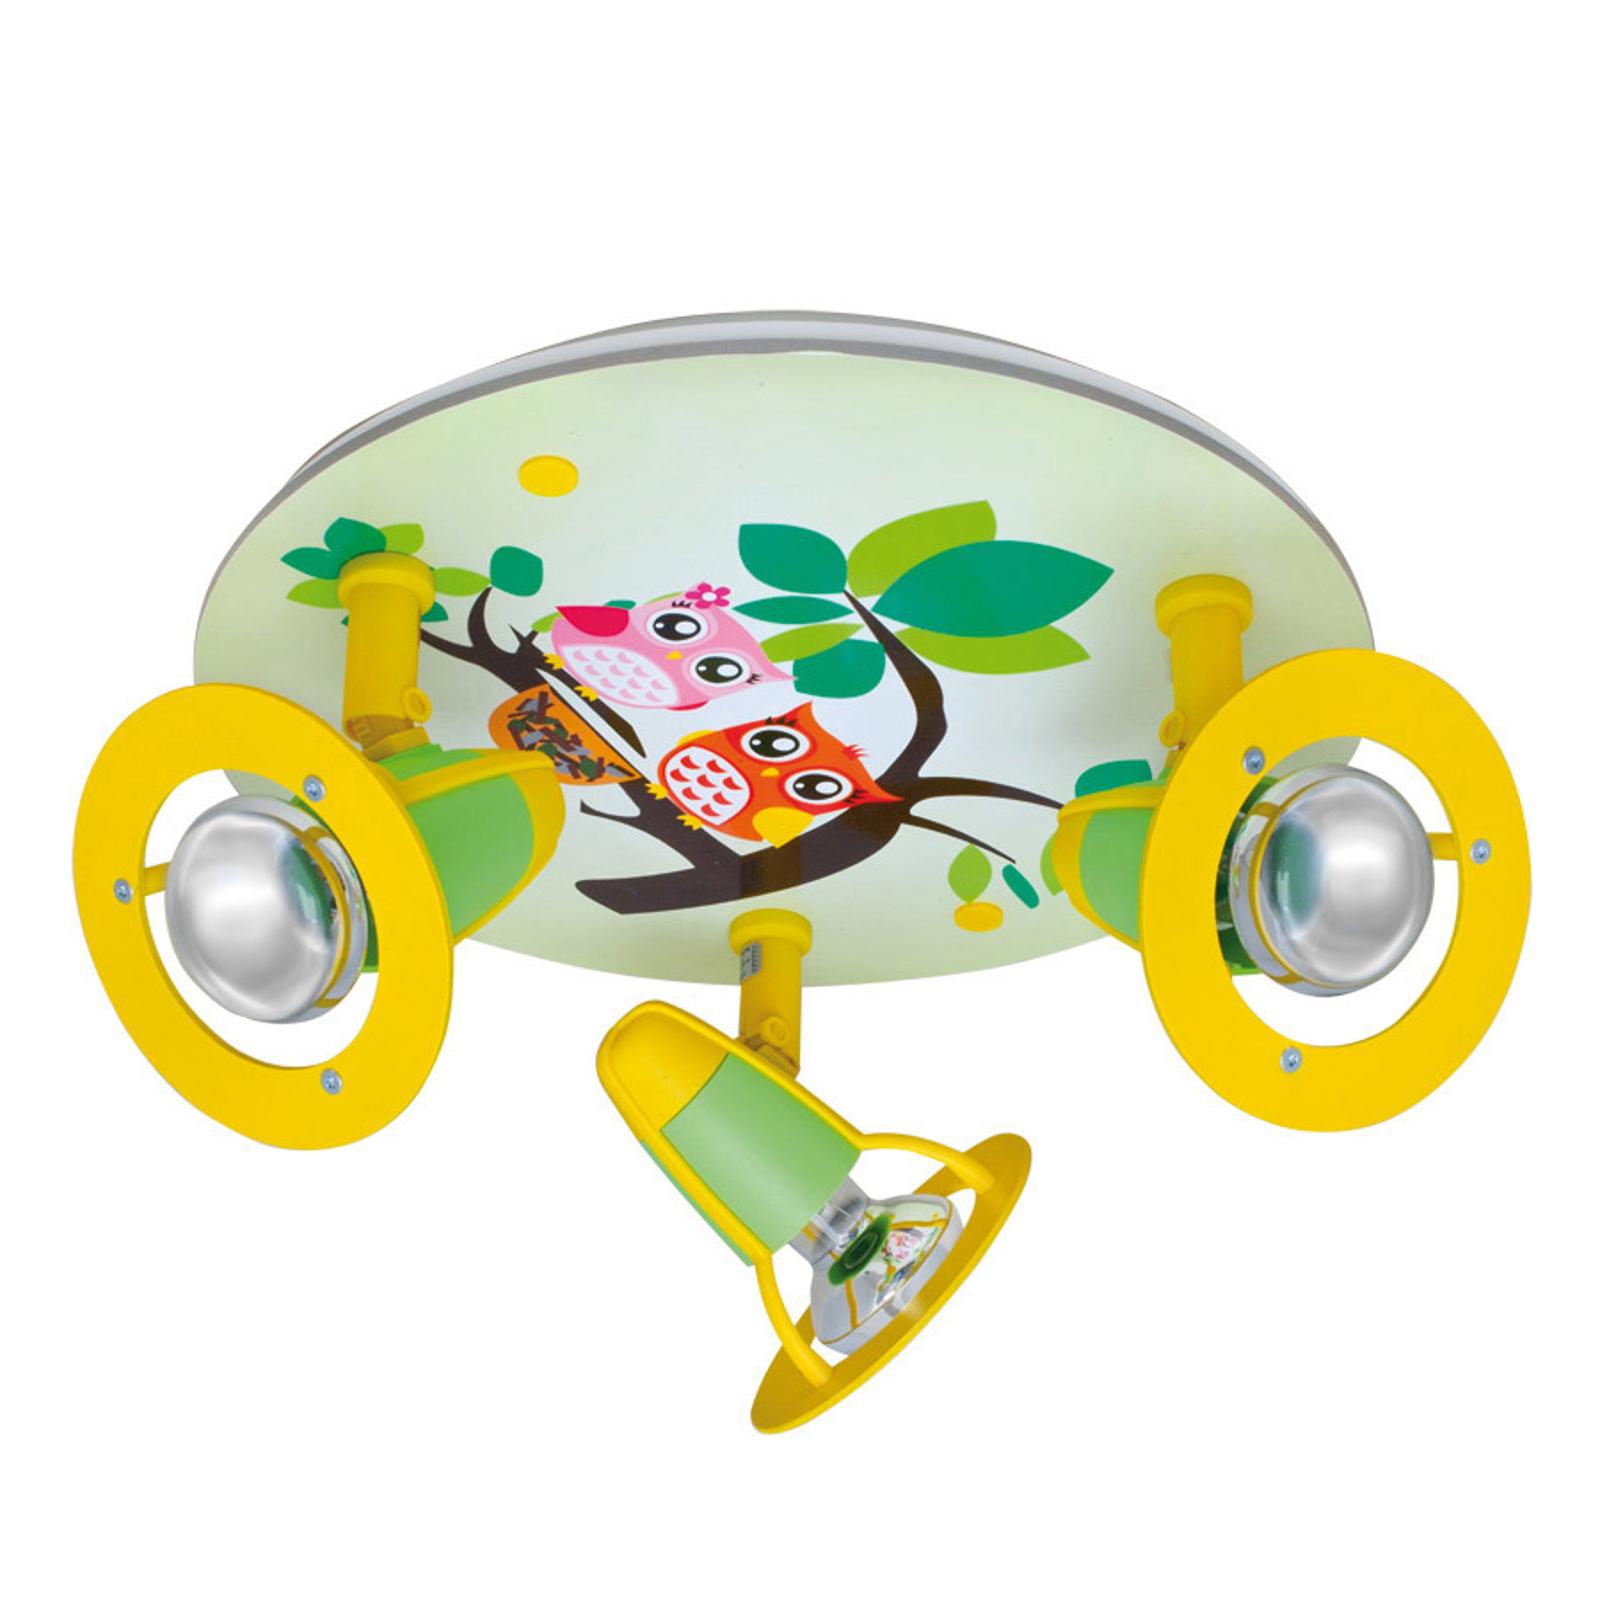 Plafondlamp Uil voor de kinderkamer, groen-geel